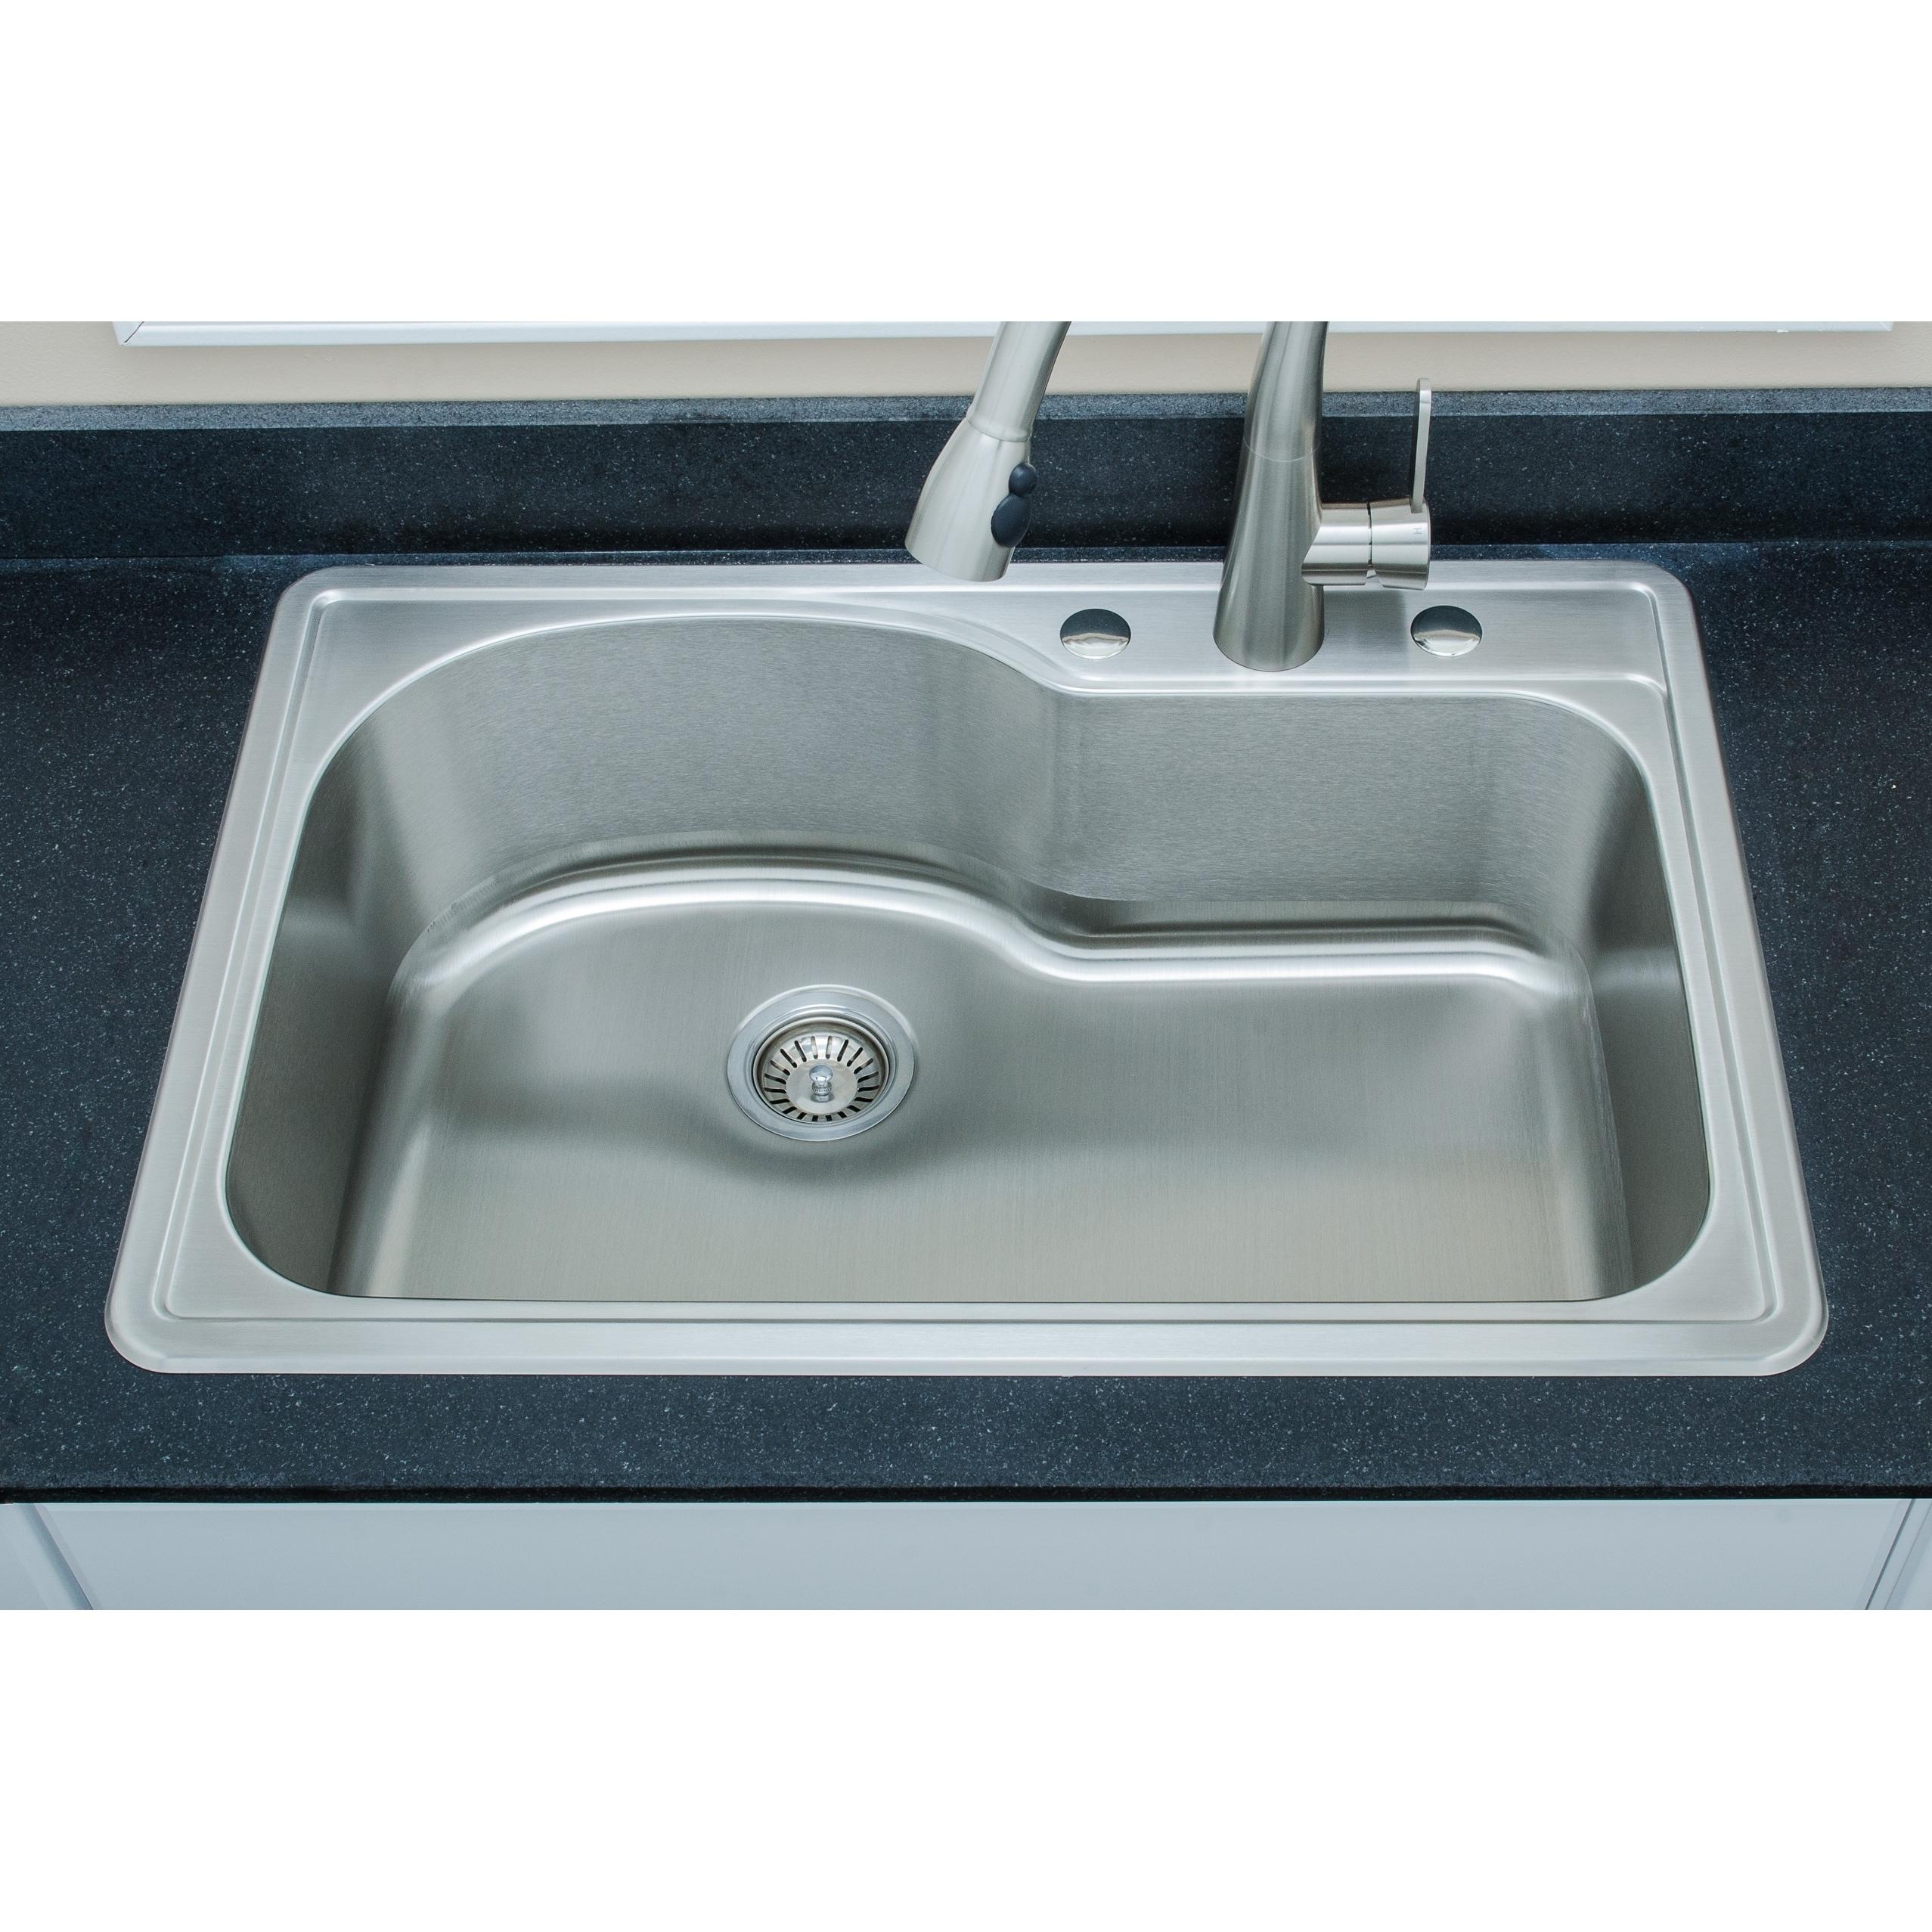 Exelent Kitchen Sink Package Sketch - Kitchen Design & Remodeling ...